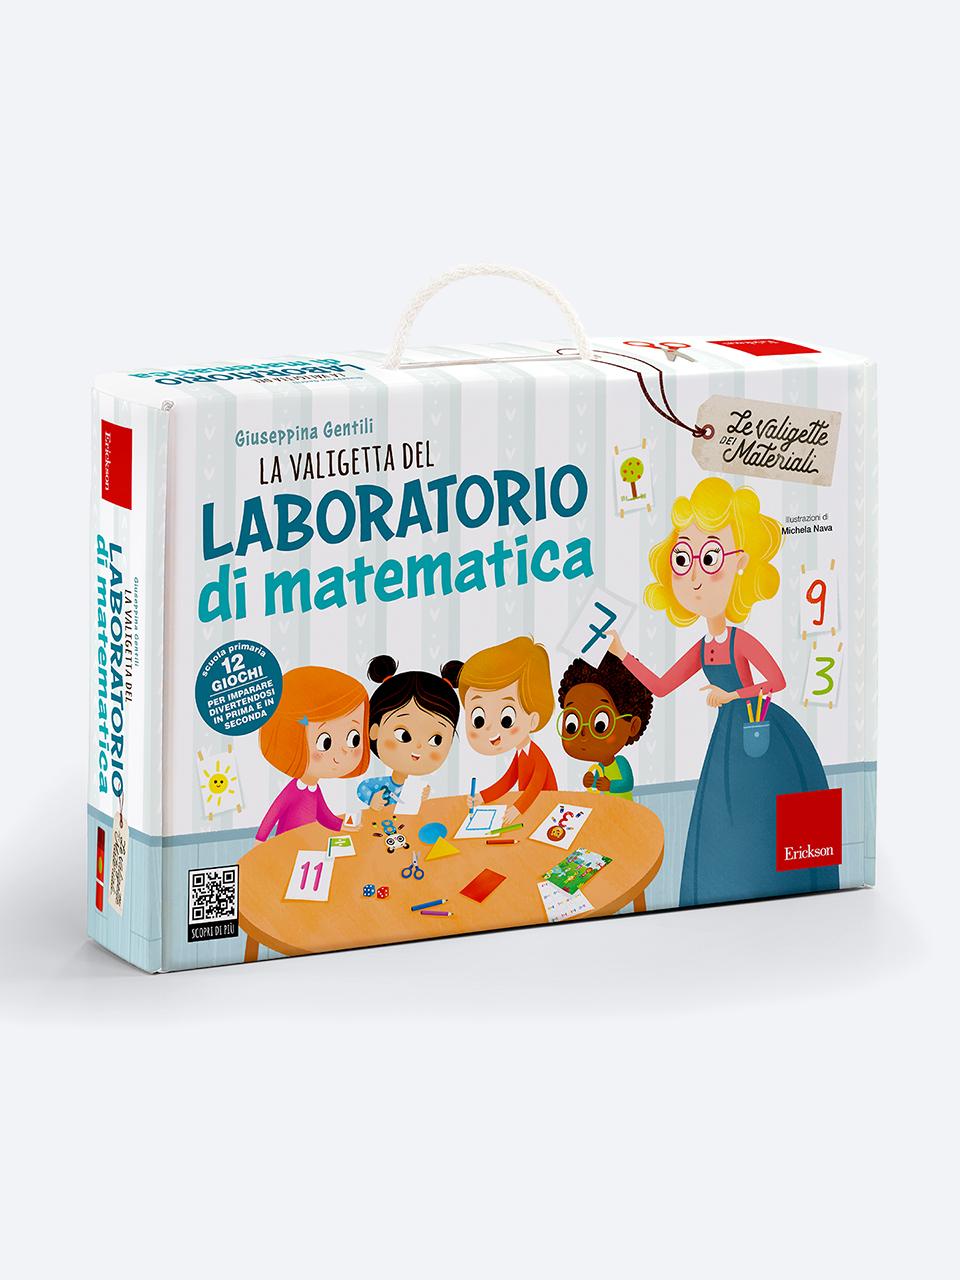 La valigetta del LABORATORIO DI MATEMATICA - Strumenti - Erickson